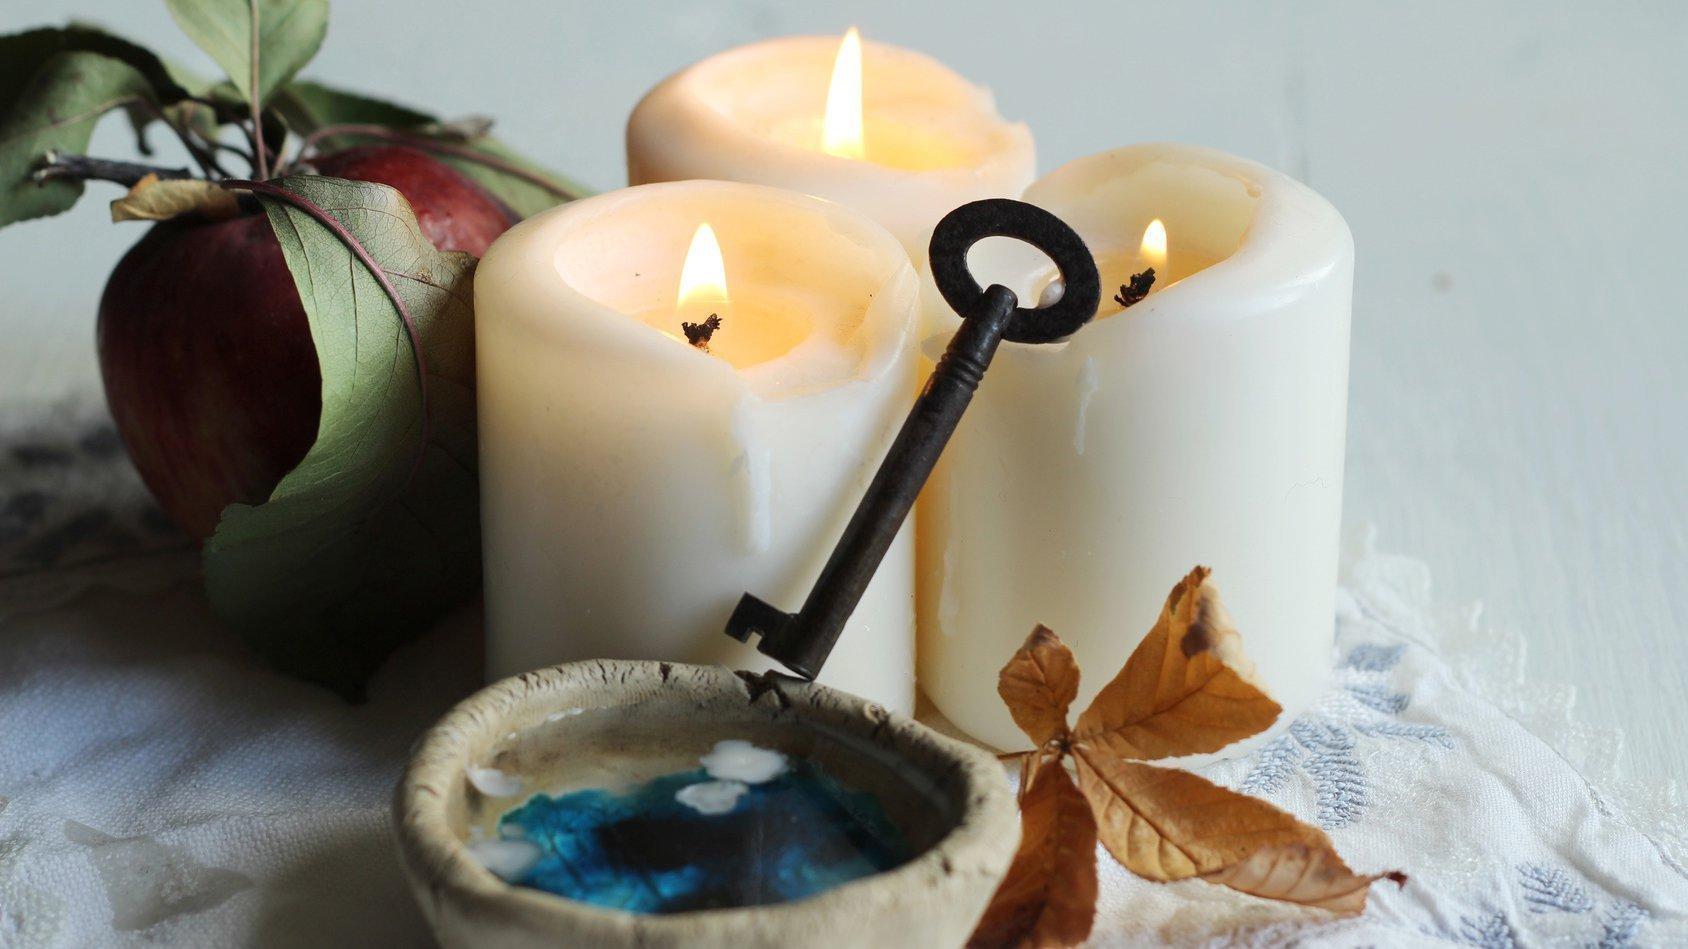 Простые способы гаданий на свечах на суженого любовь и будущее